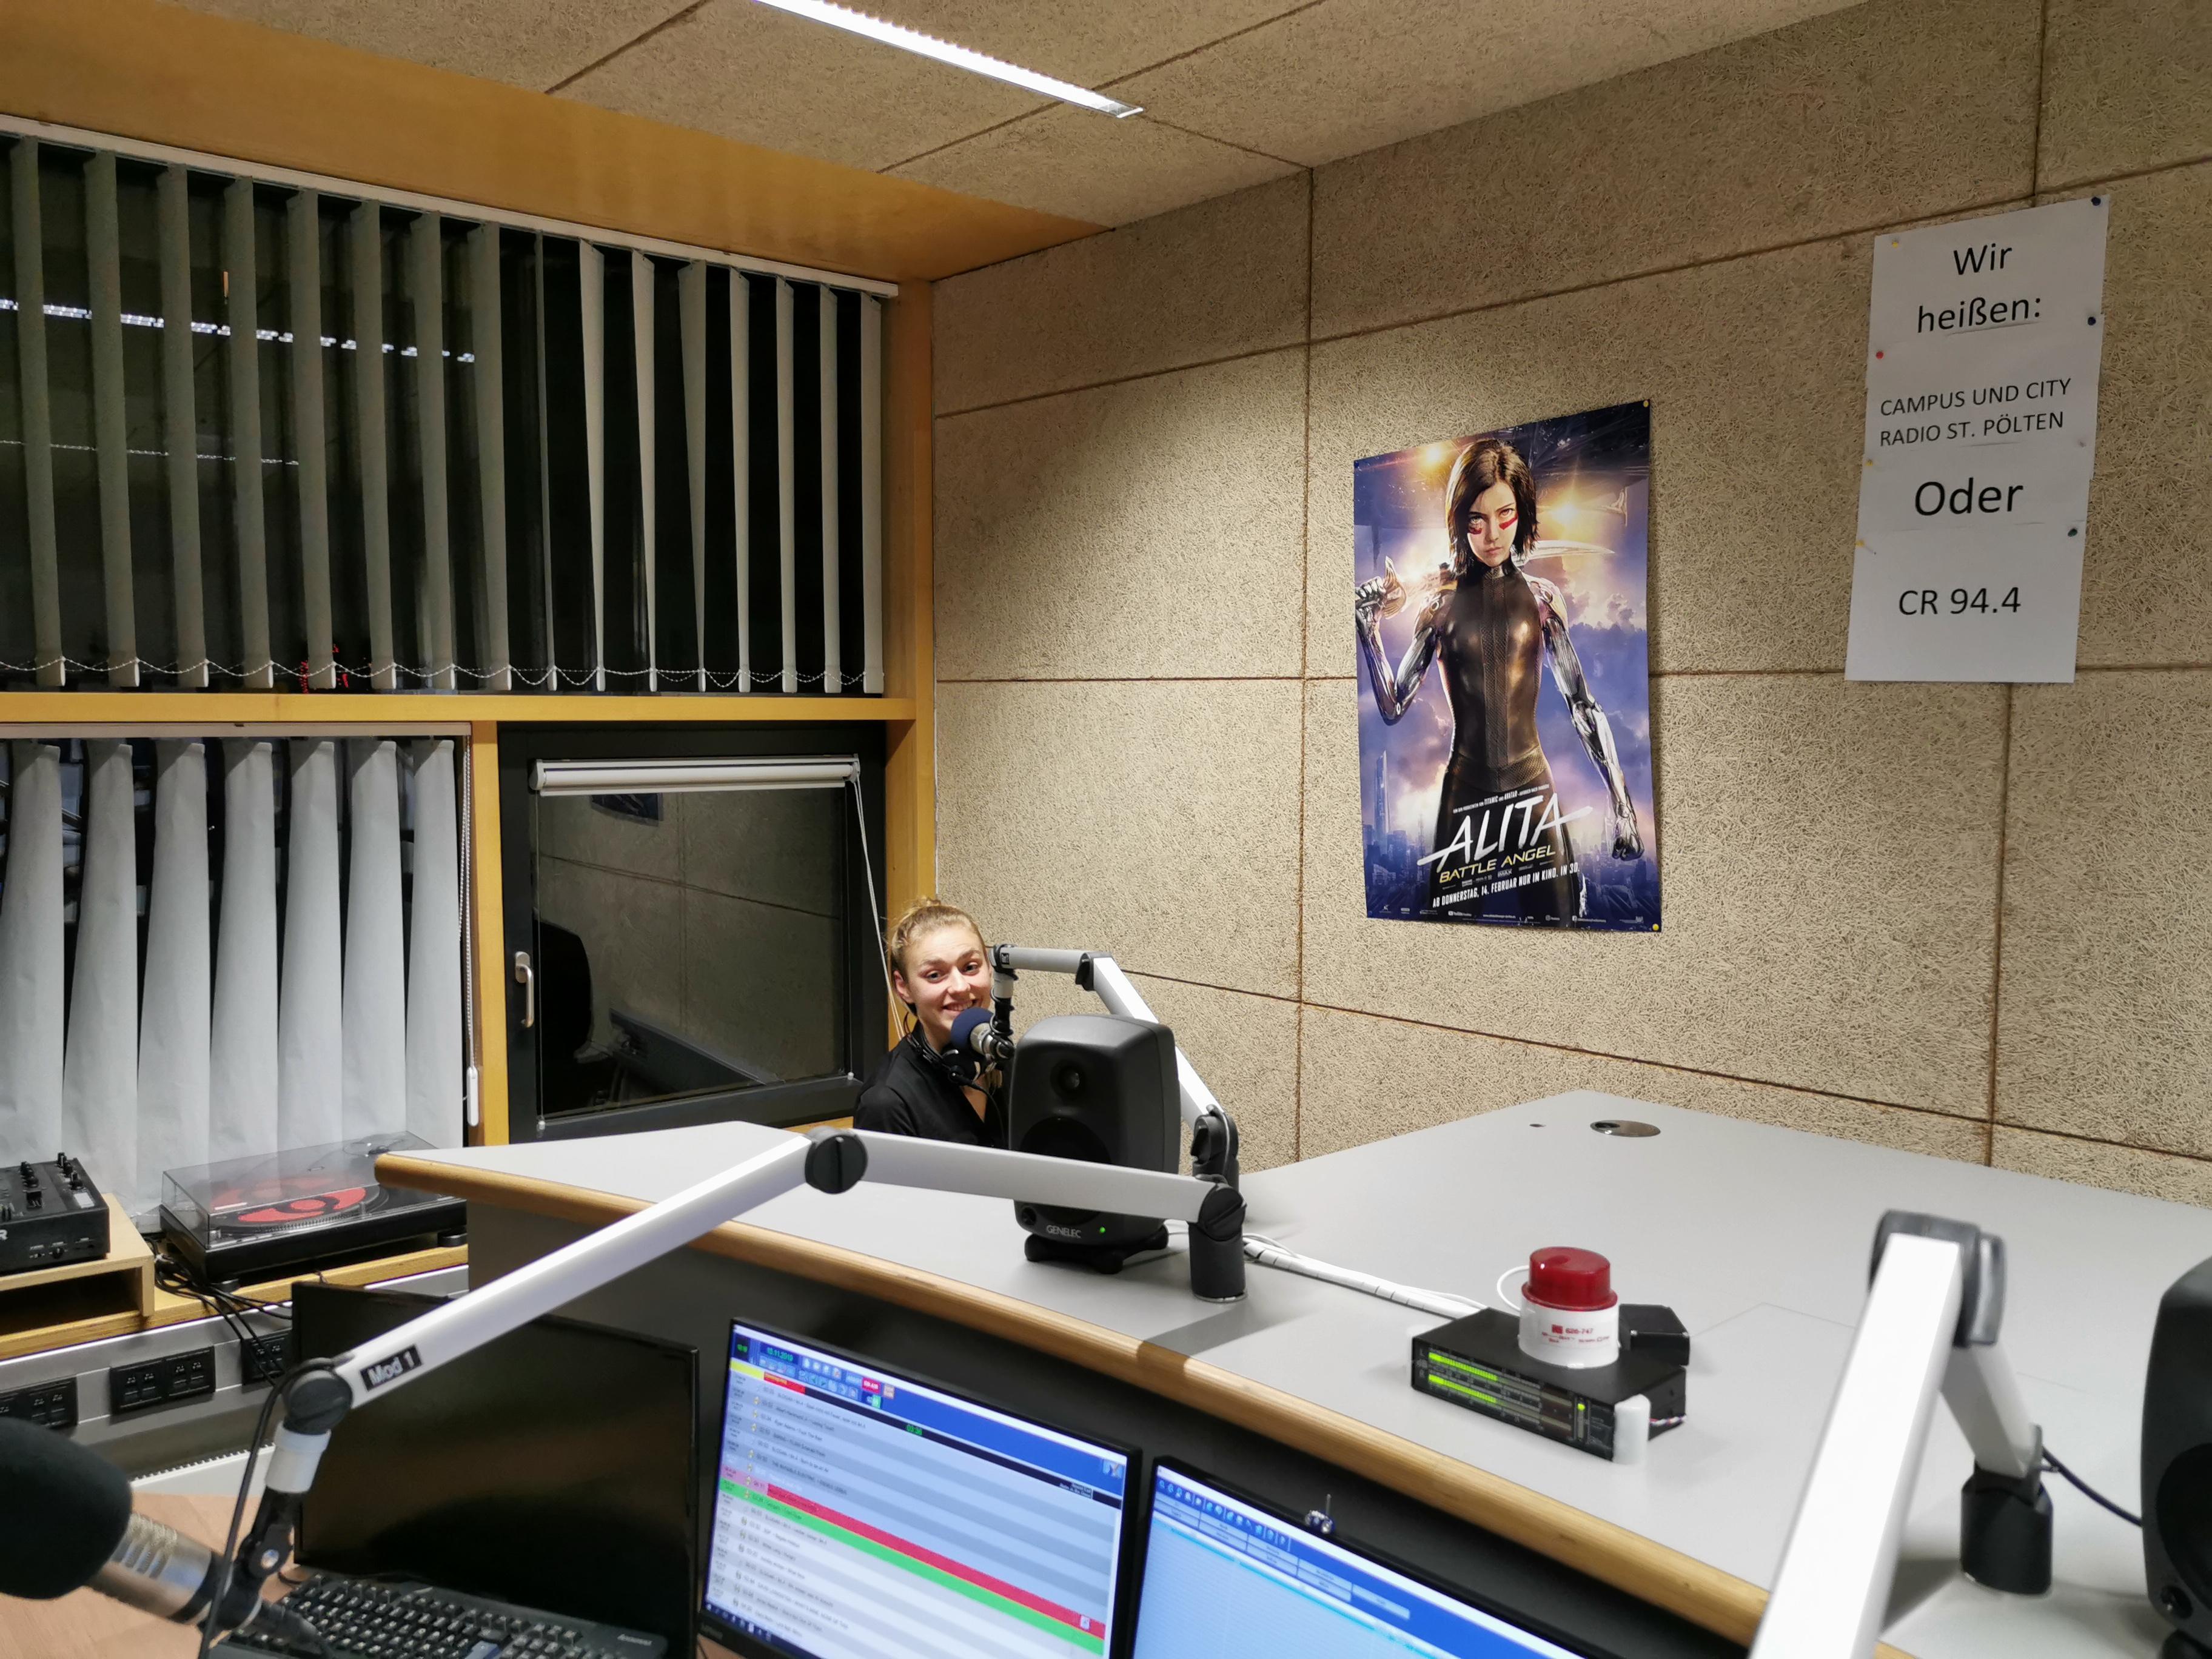 Studio mit Grimasse von Marlene